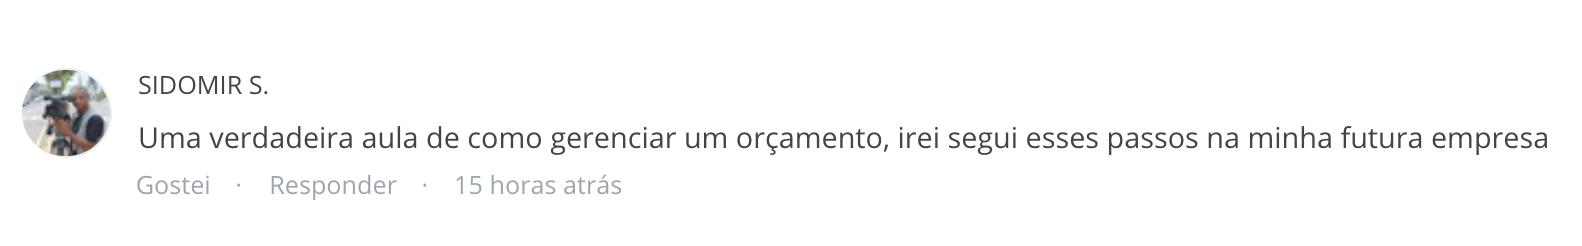 Captura_de_Tela_2020-04-29_às_16.50